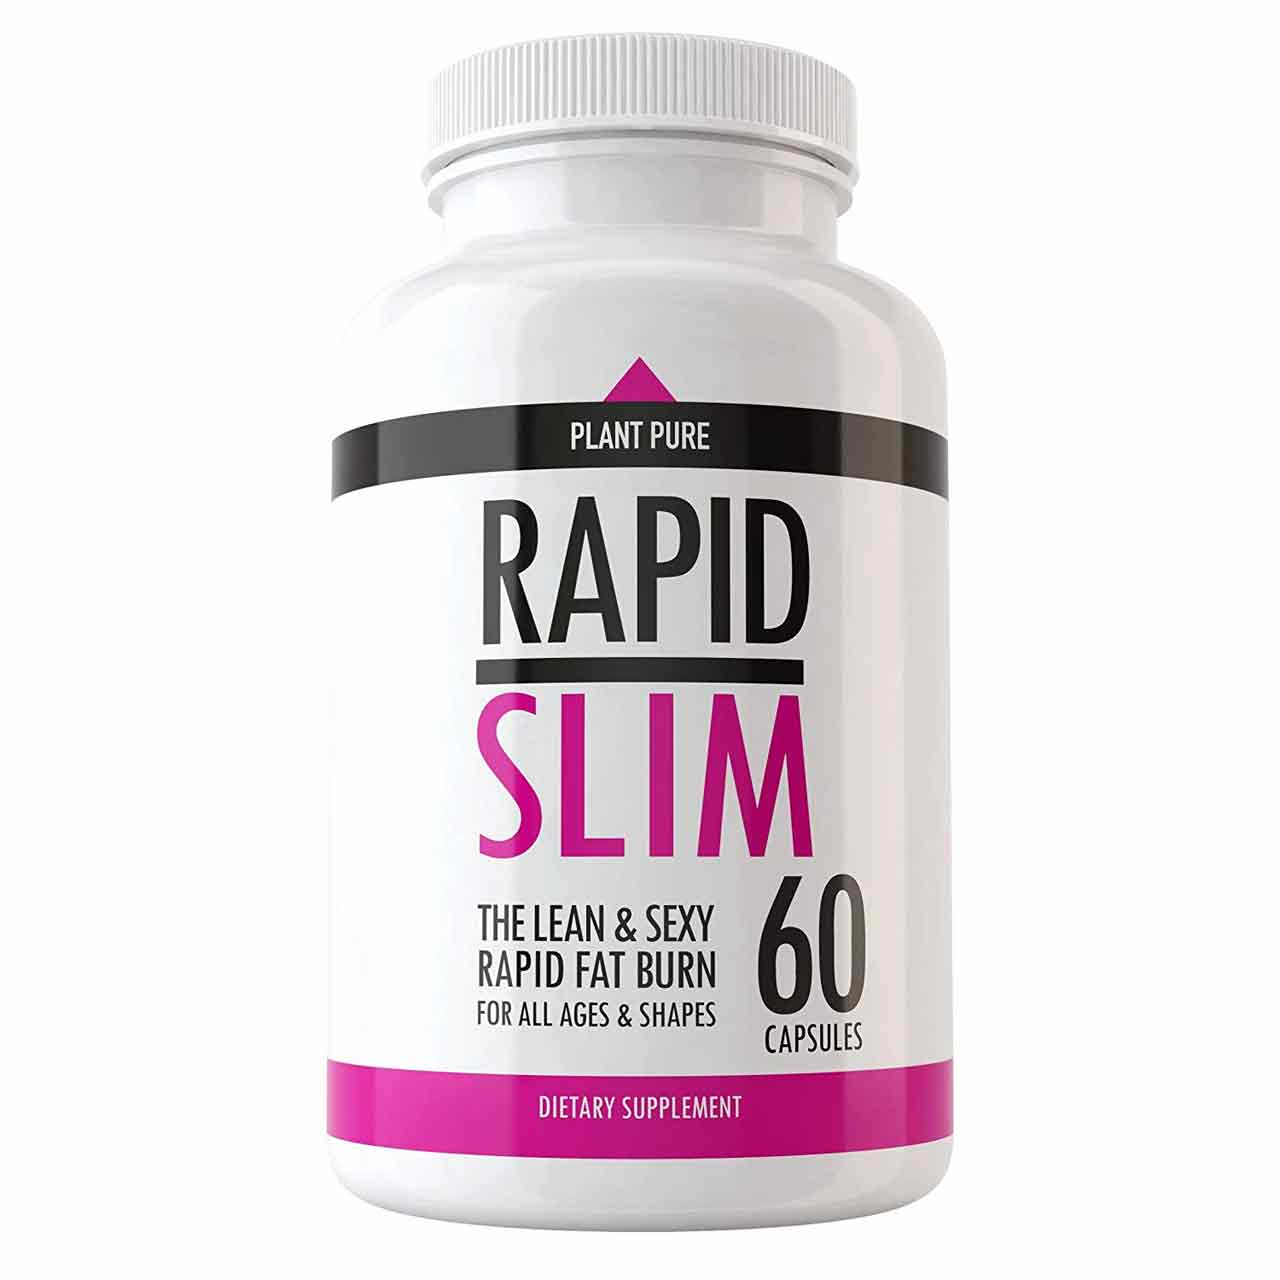 Rapid-Slim.jpg